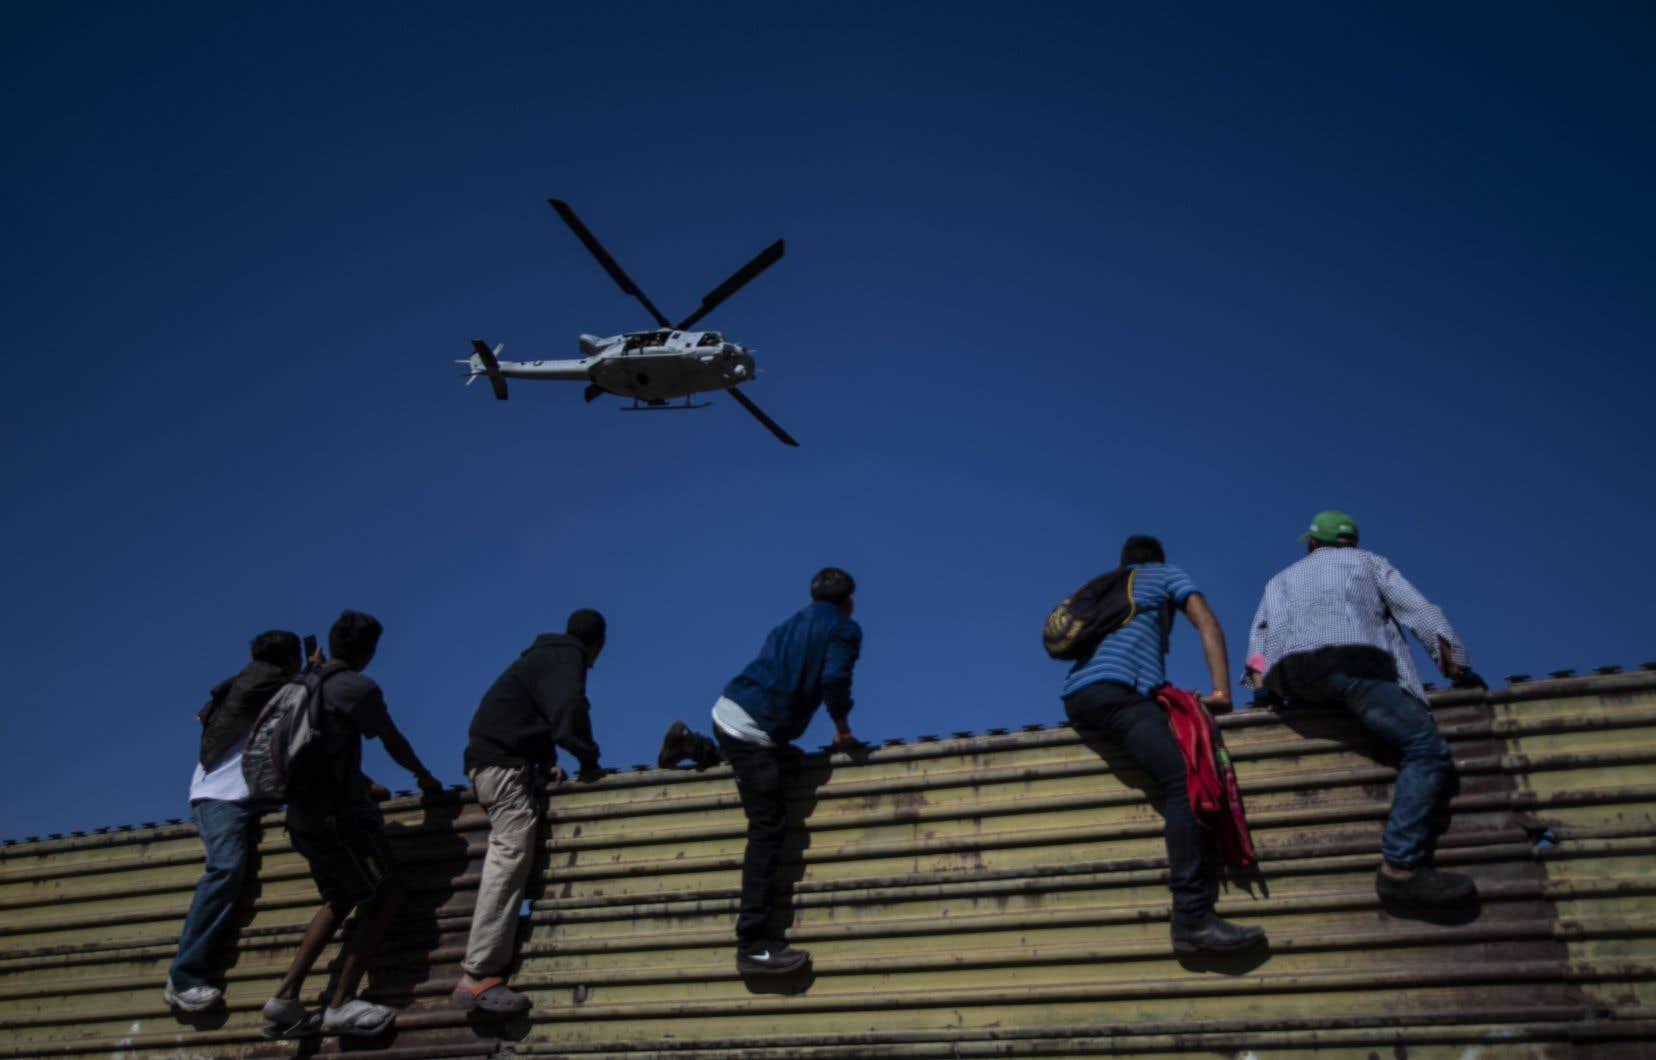 Des migrants venant d'Amérique centrale ont tenté de franchir illégalement la frontière américaine dimanche.